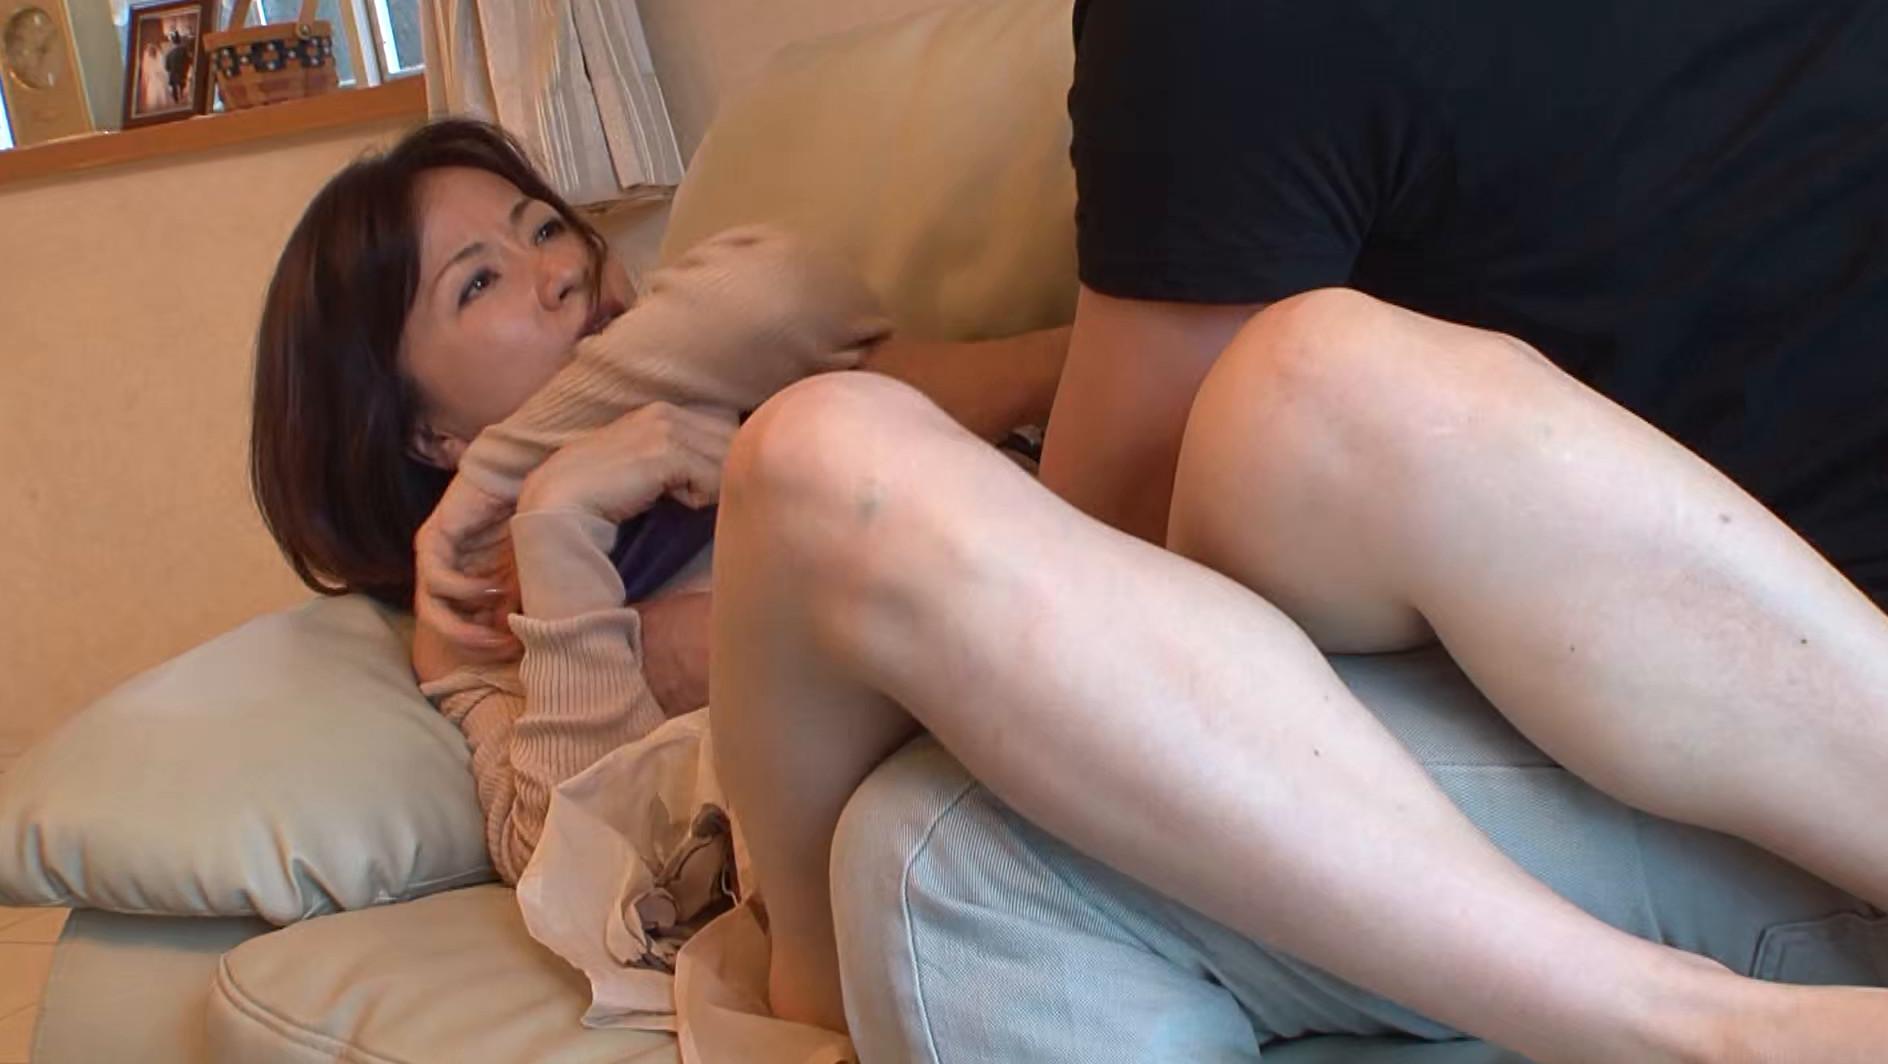 衝撃レイプ事件!! セレブ妻を狙う低所得労働者たち れい子さん(仮) 画像8